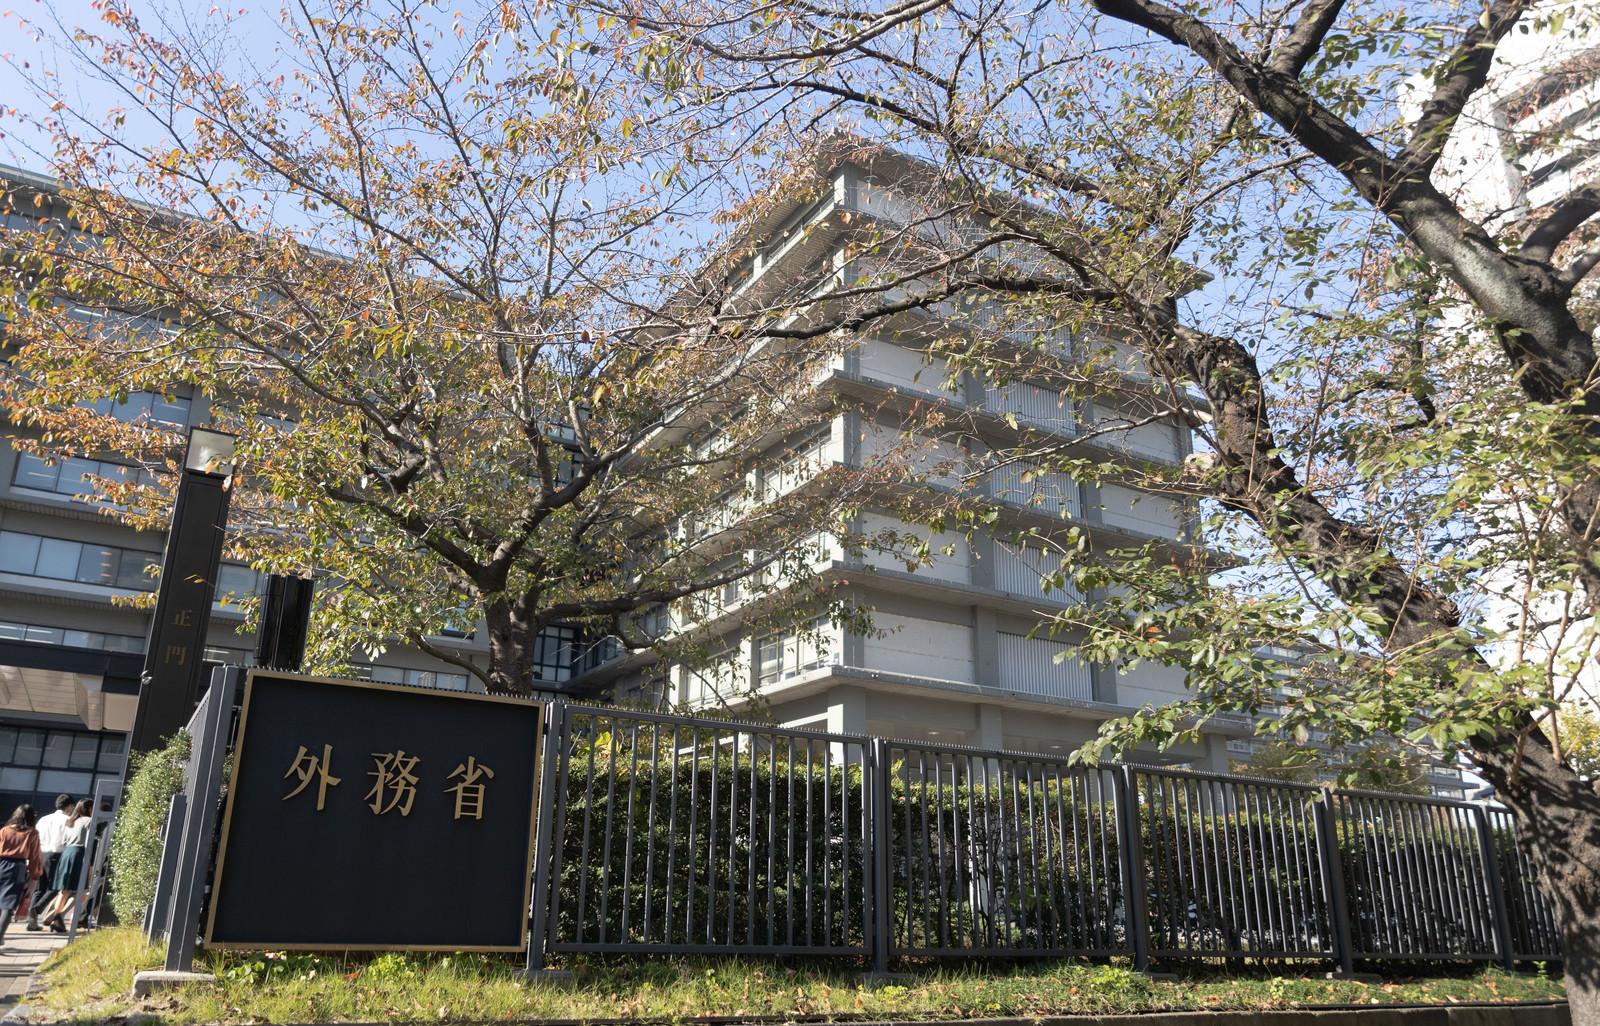 「外務省庁舎の前」の写真